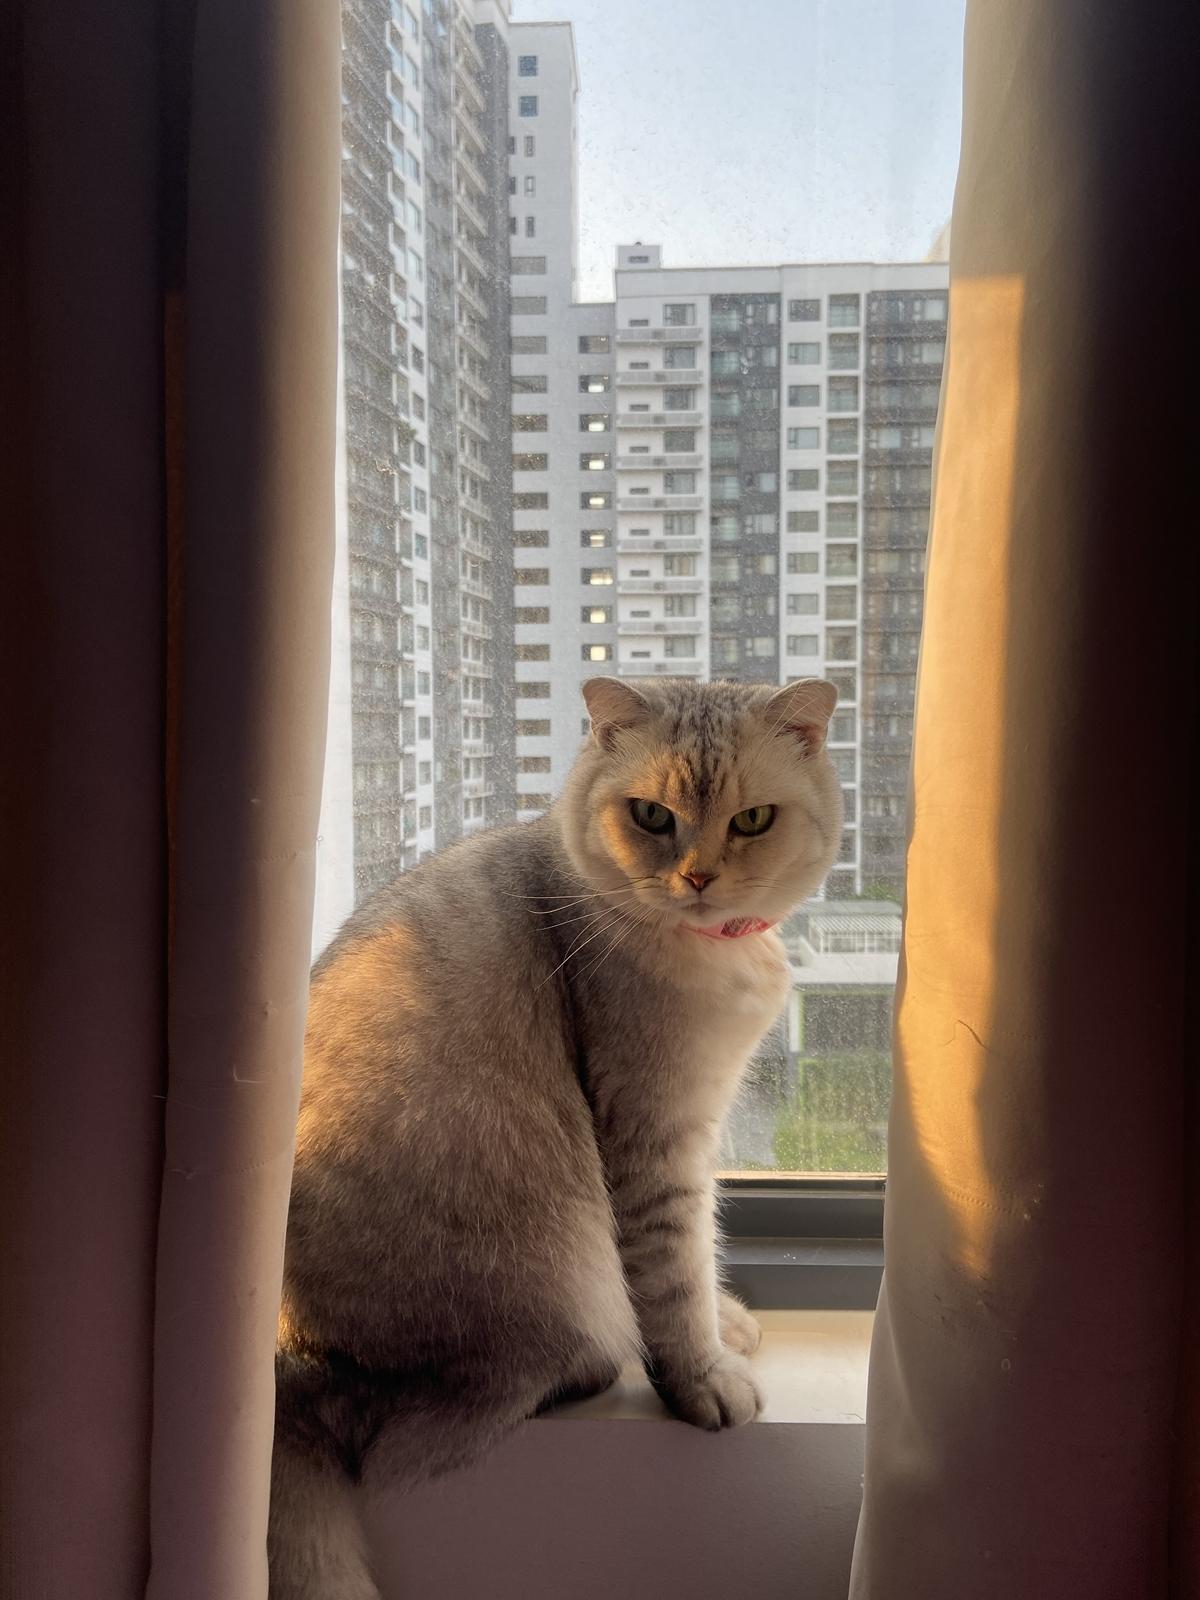 Dù lạnh lùng nhưng Lucy rất biết cách quan tâm chủ nhân. Mỗi lần về nhà, Lucy liền chạy đến quấn quýt Quỳnh Châu không rời.